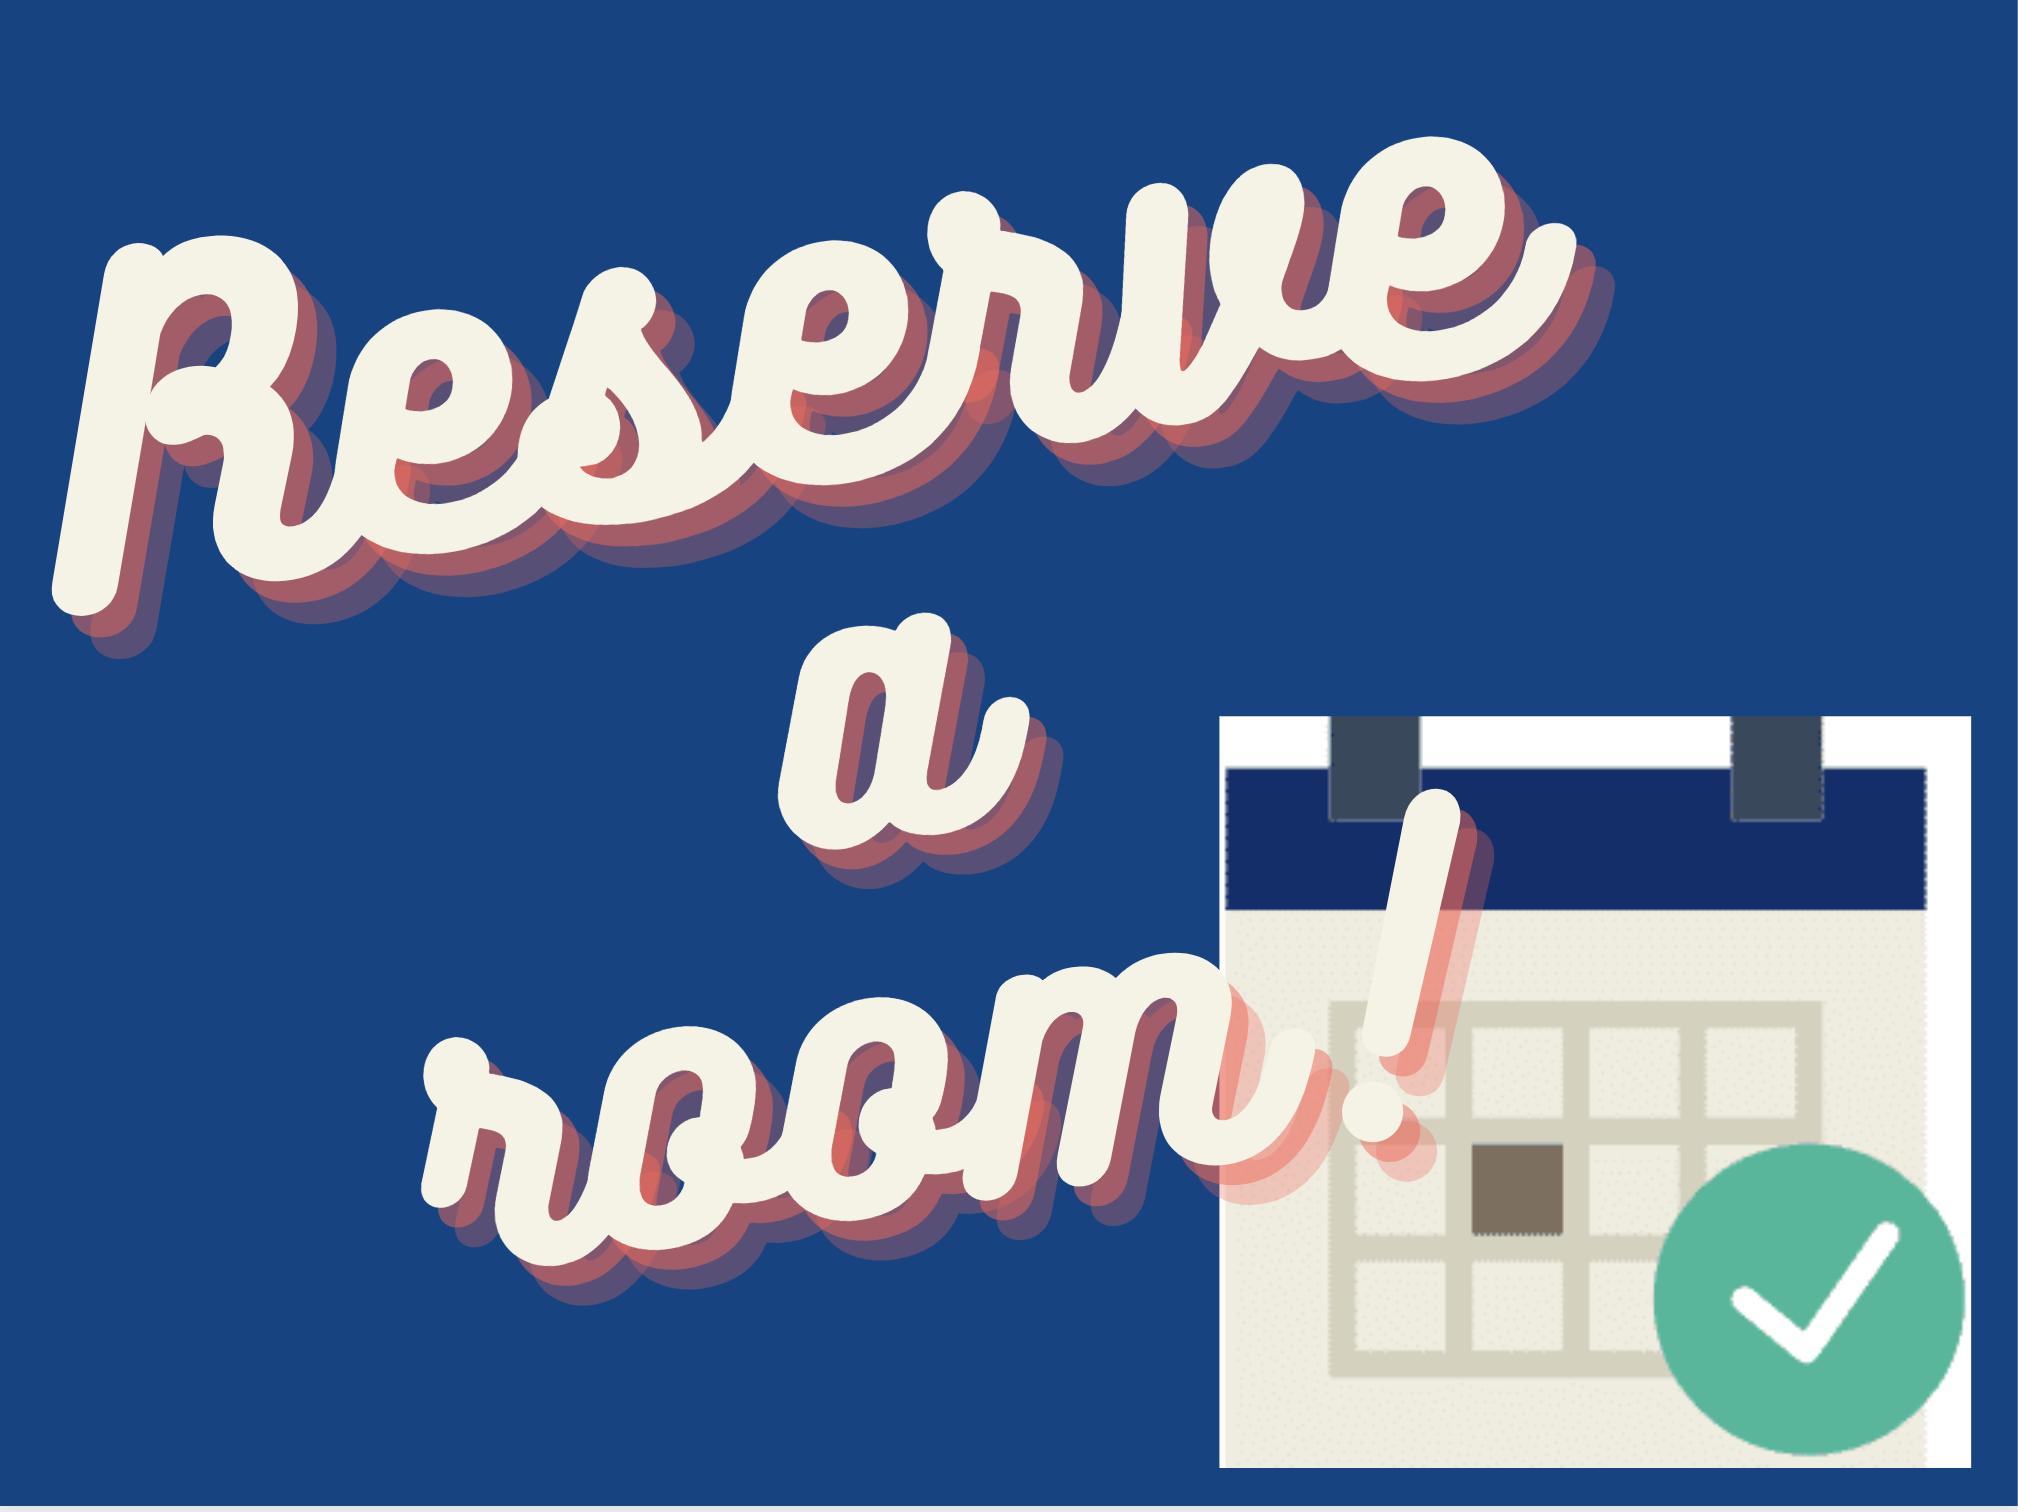 Reserve a room!